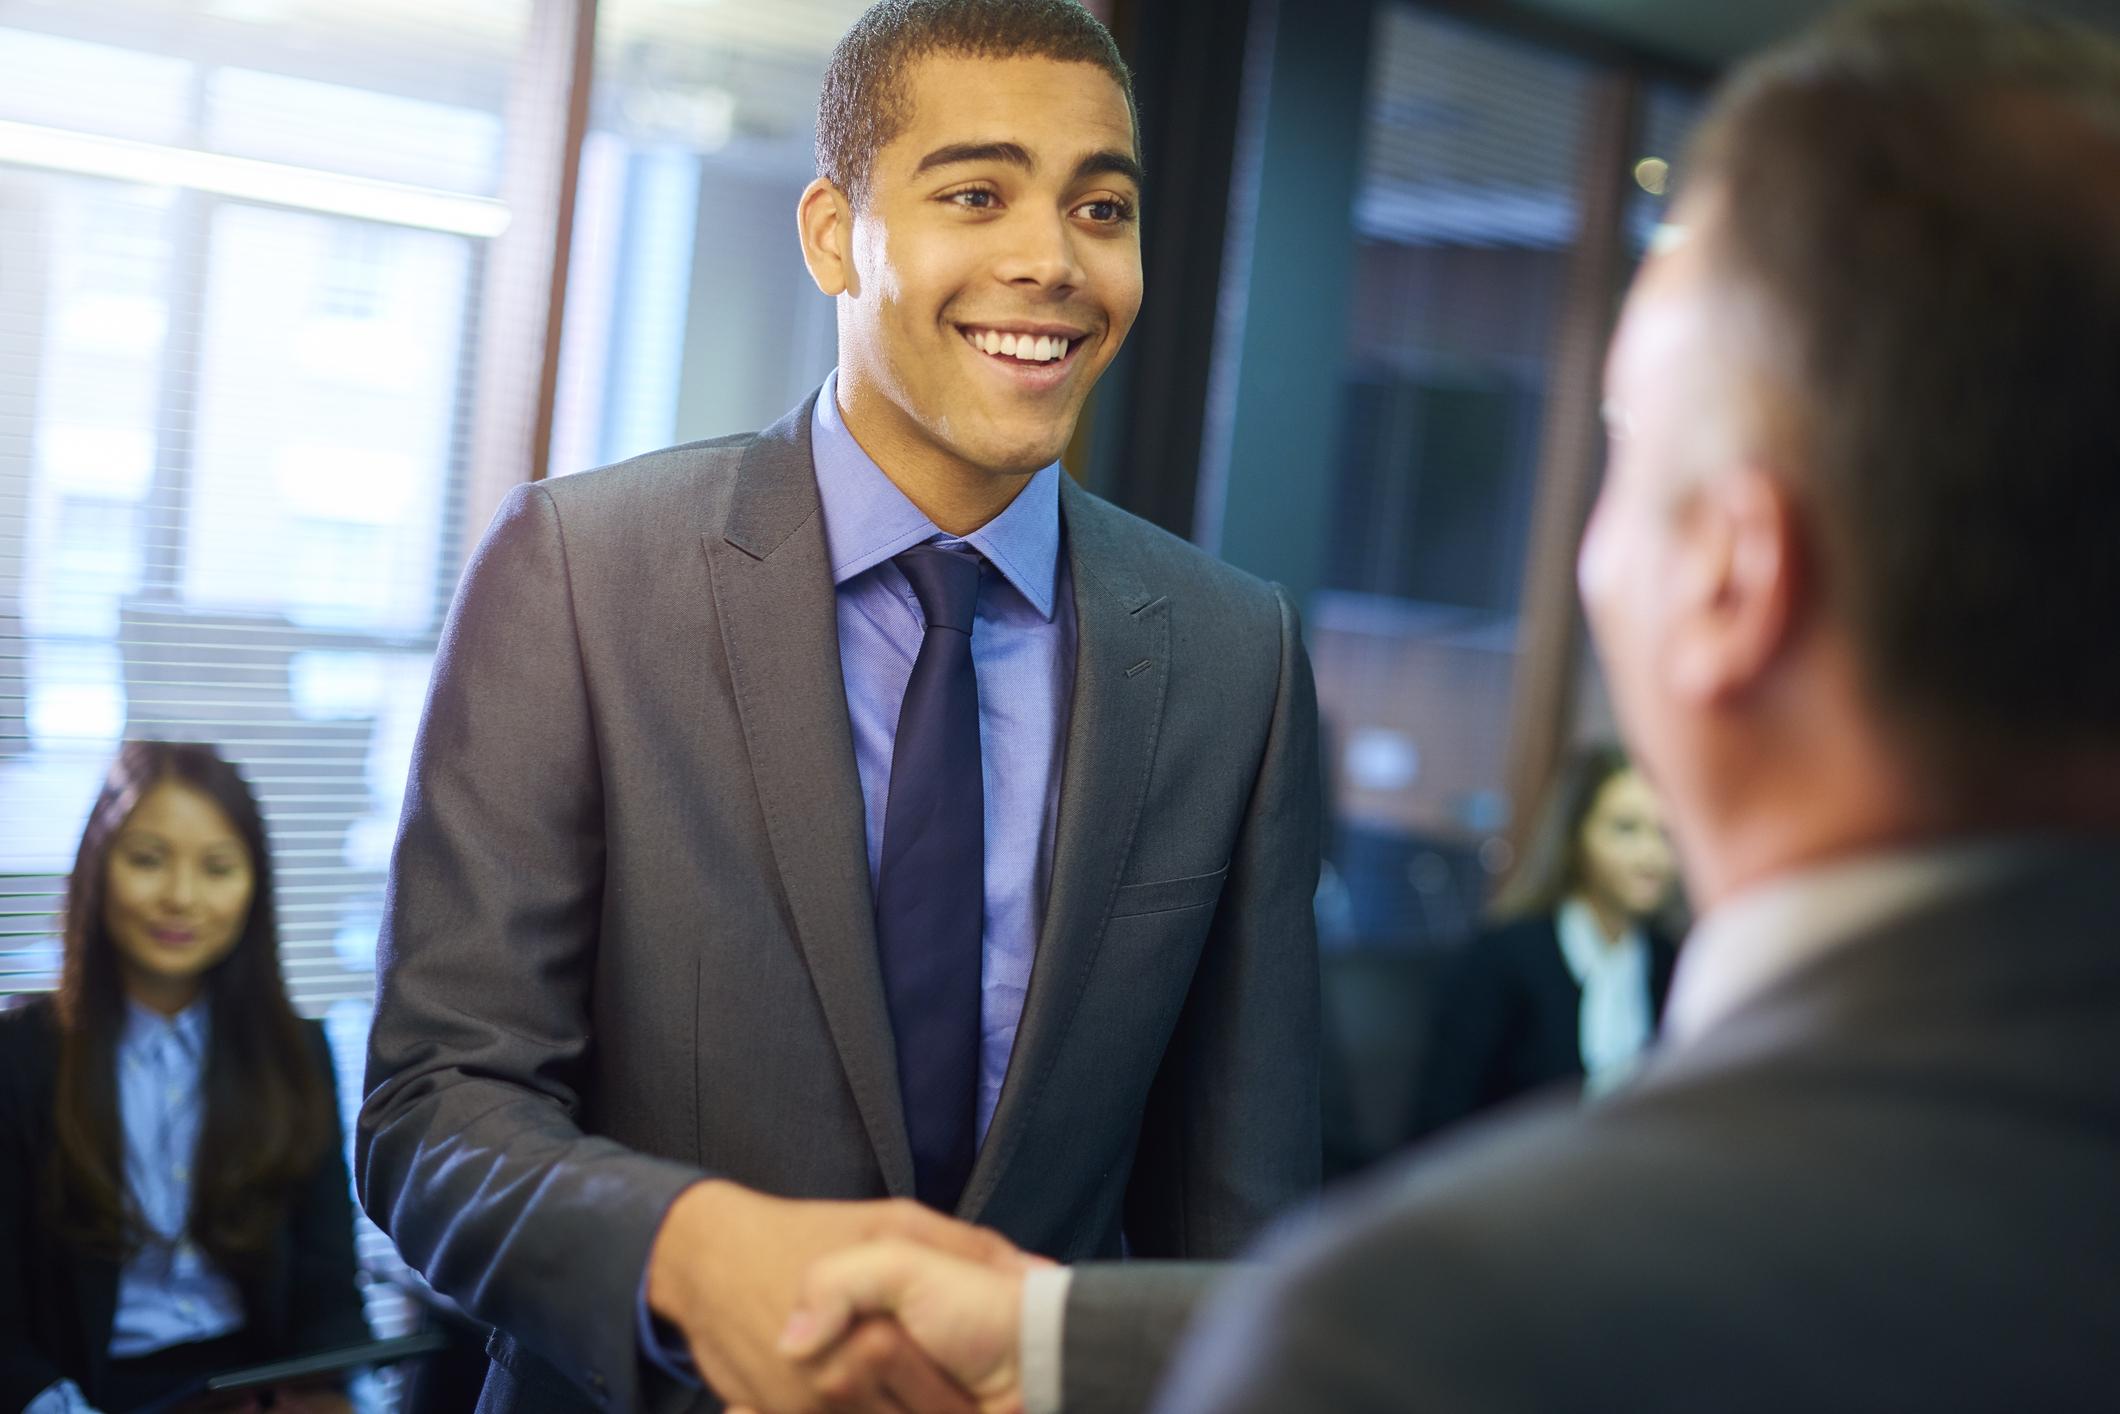 como vestir en una entrevista de trabajo